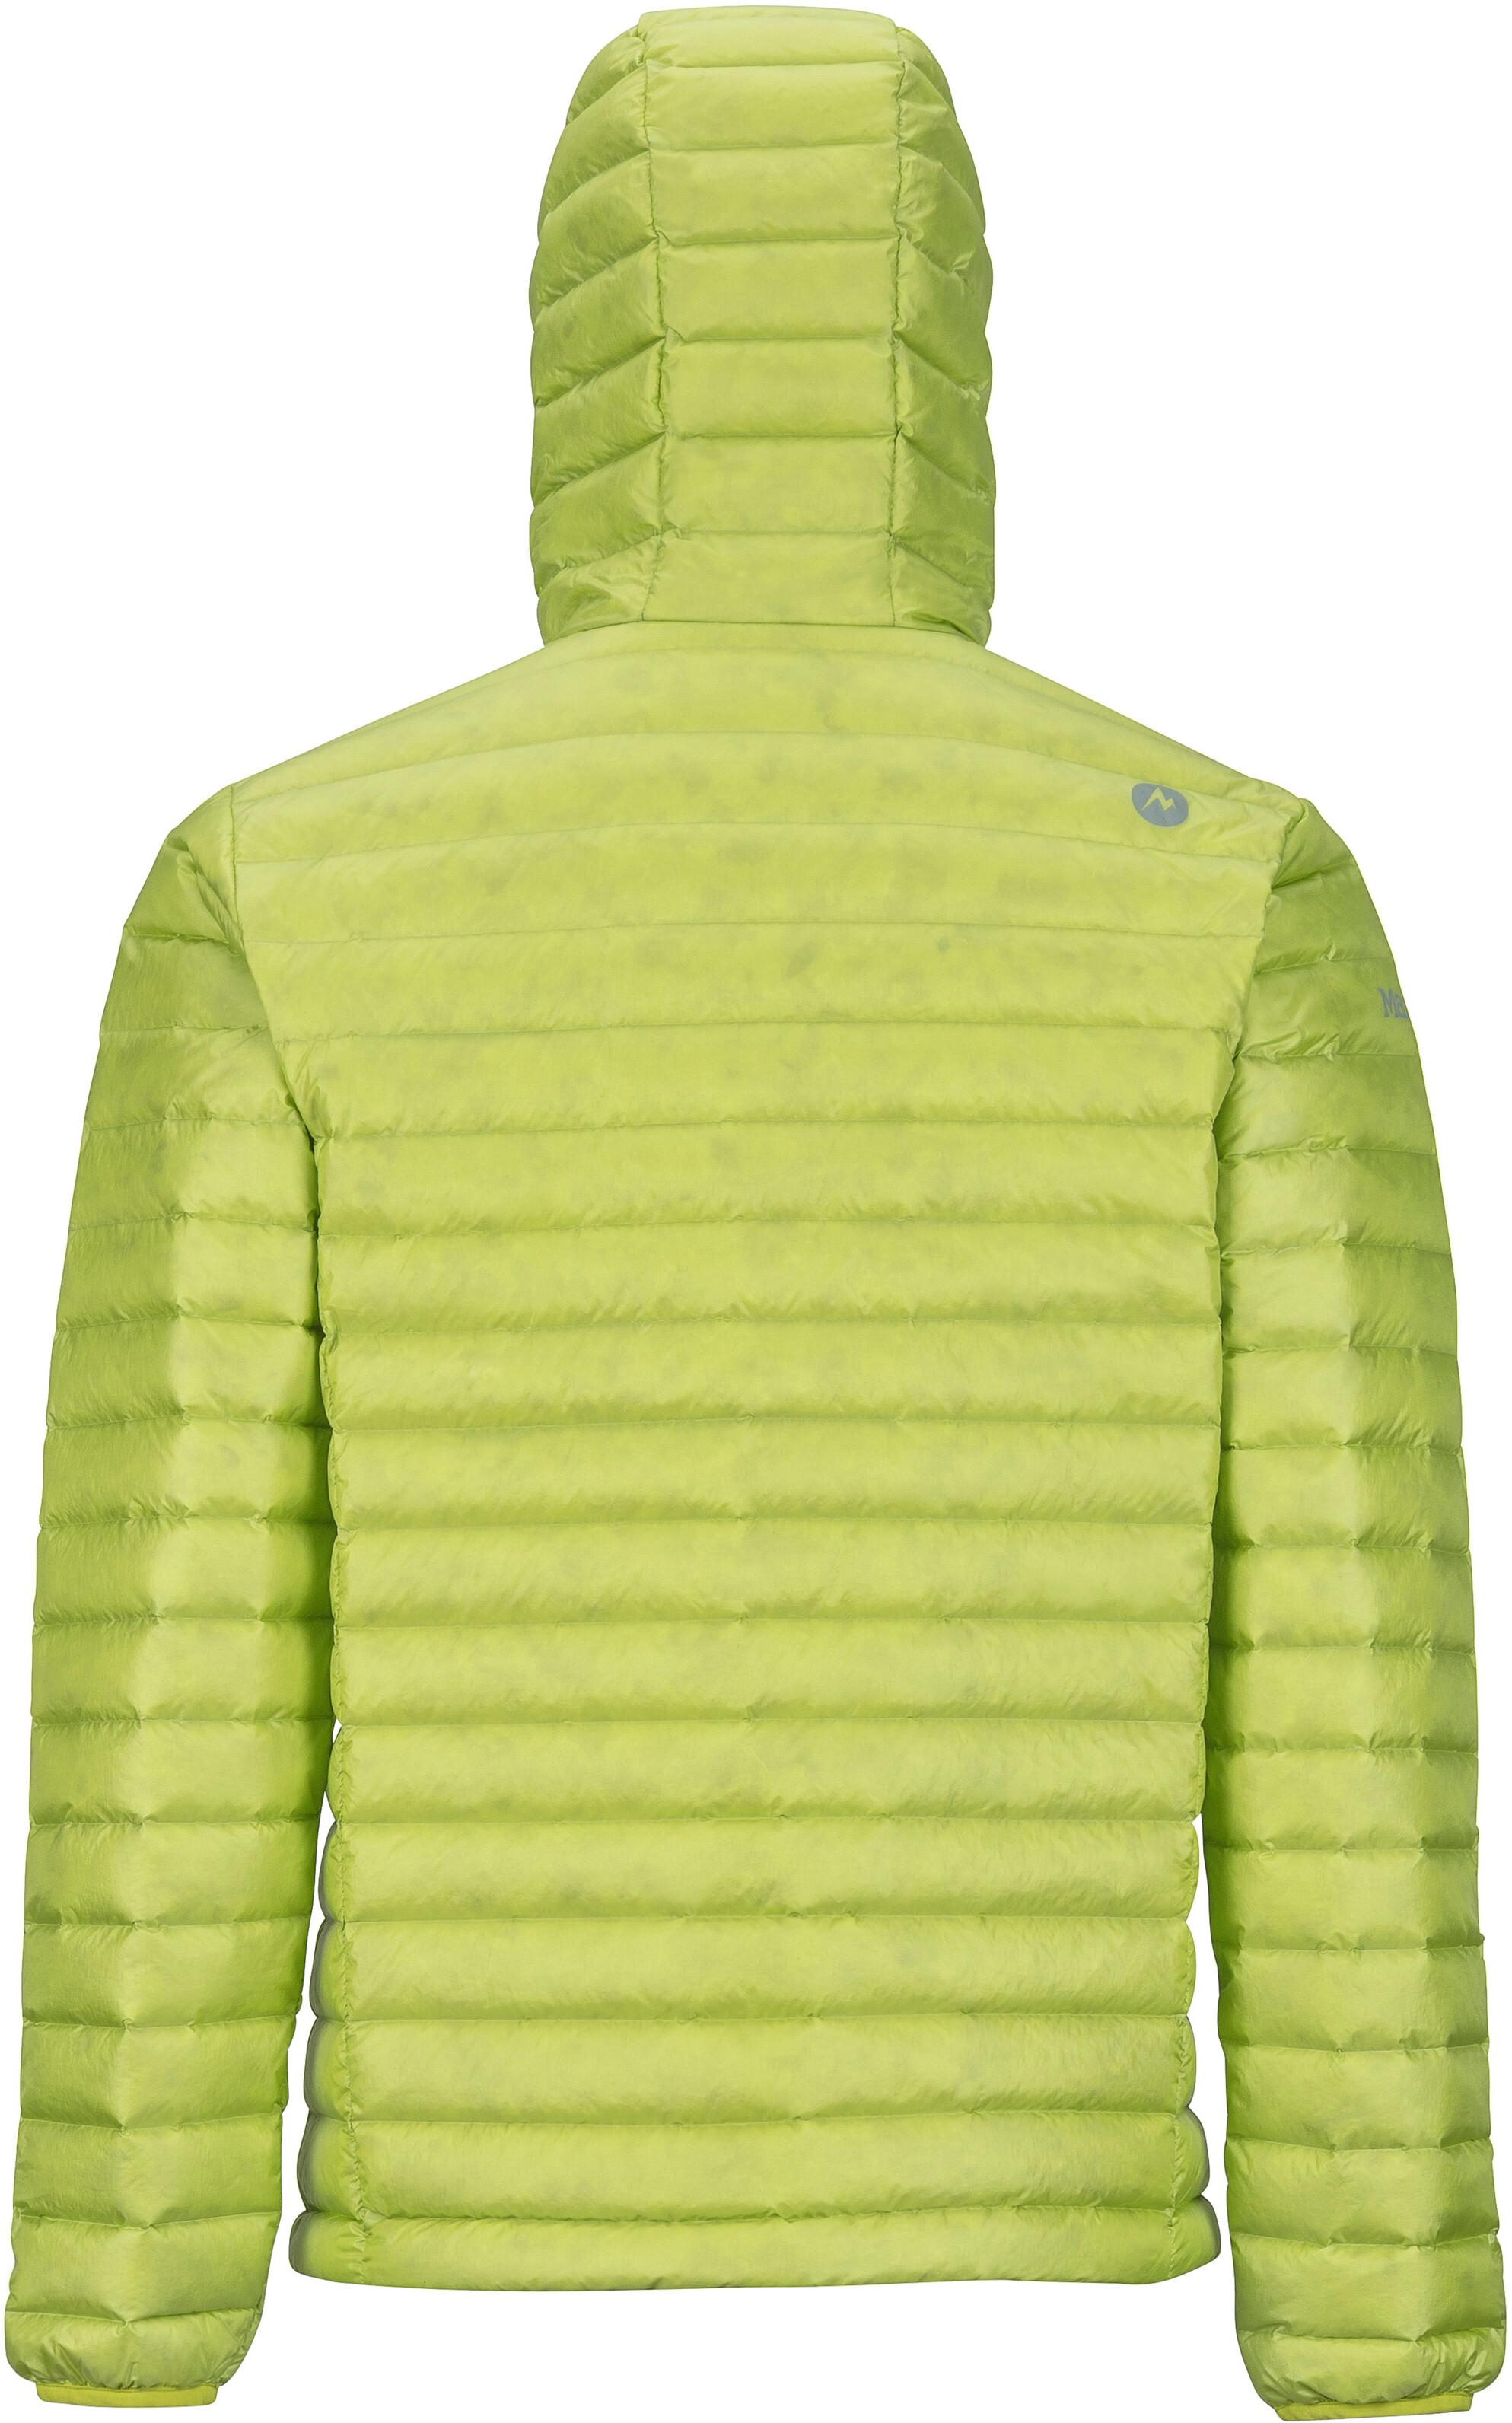 Marmot Quasar Nova Jacket Men green at Addnature.co.uk